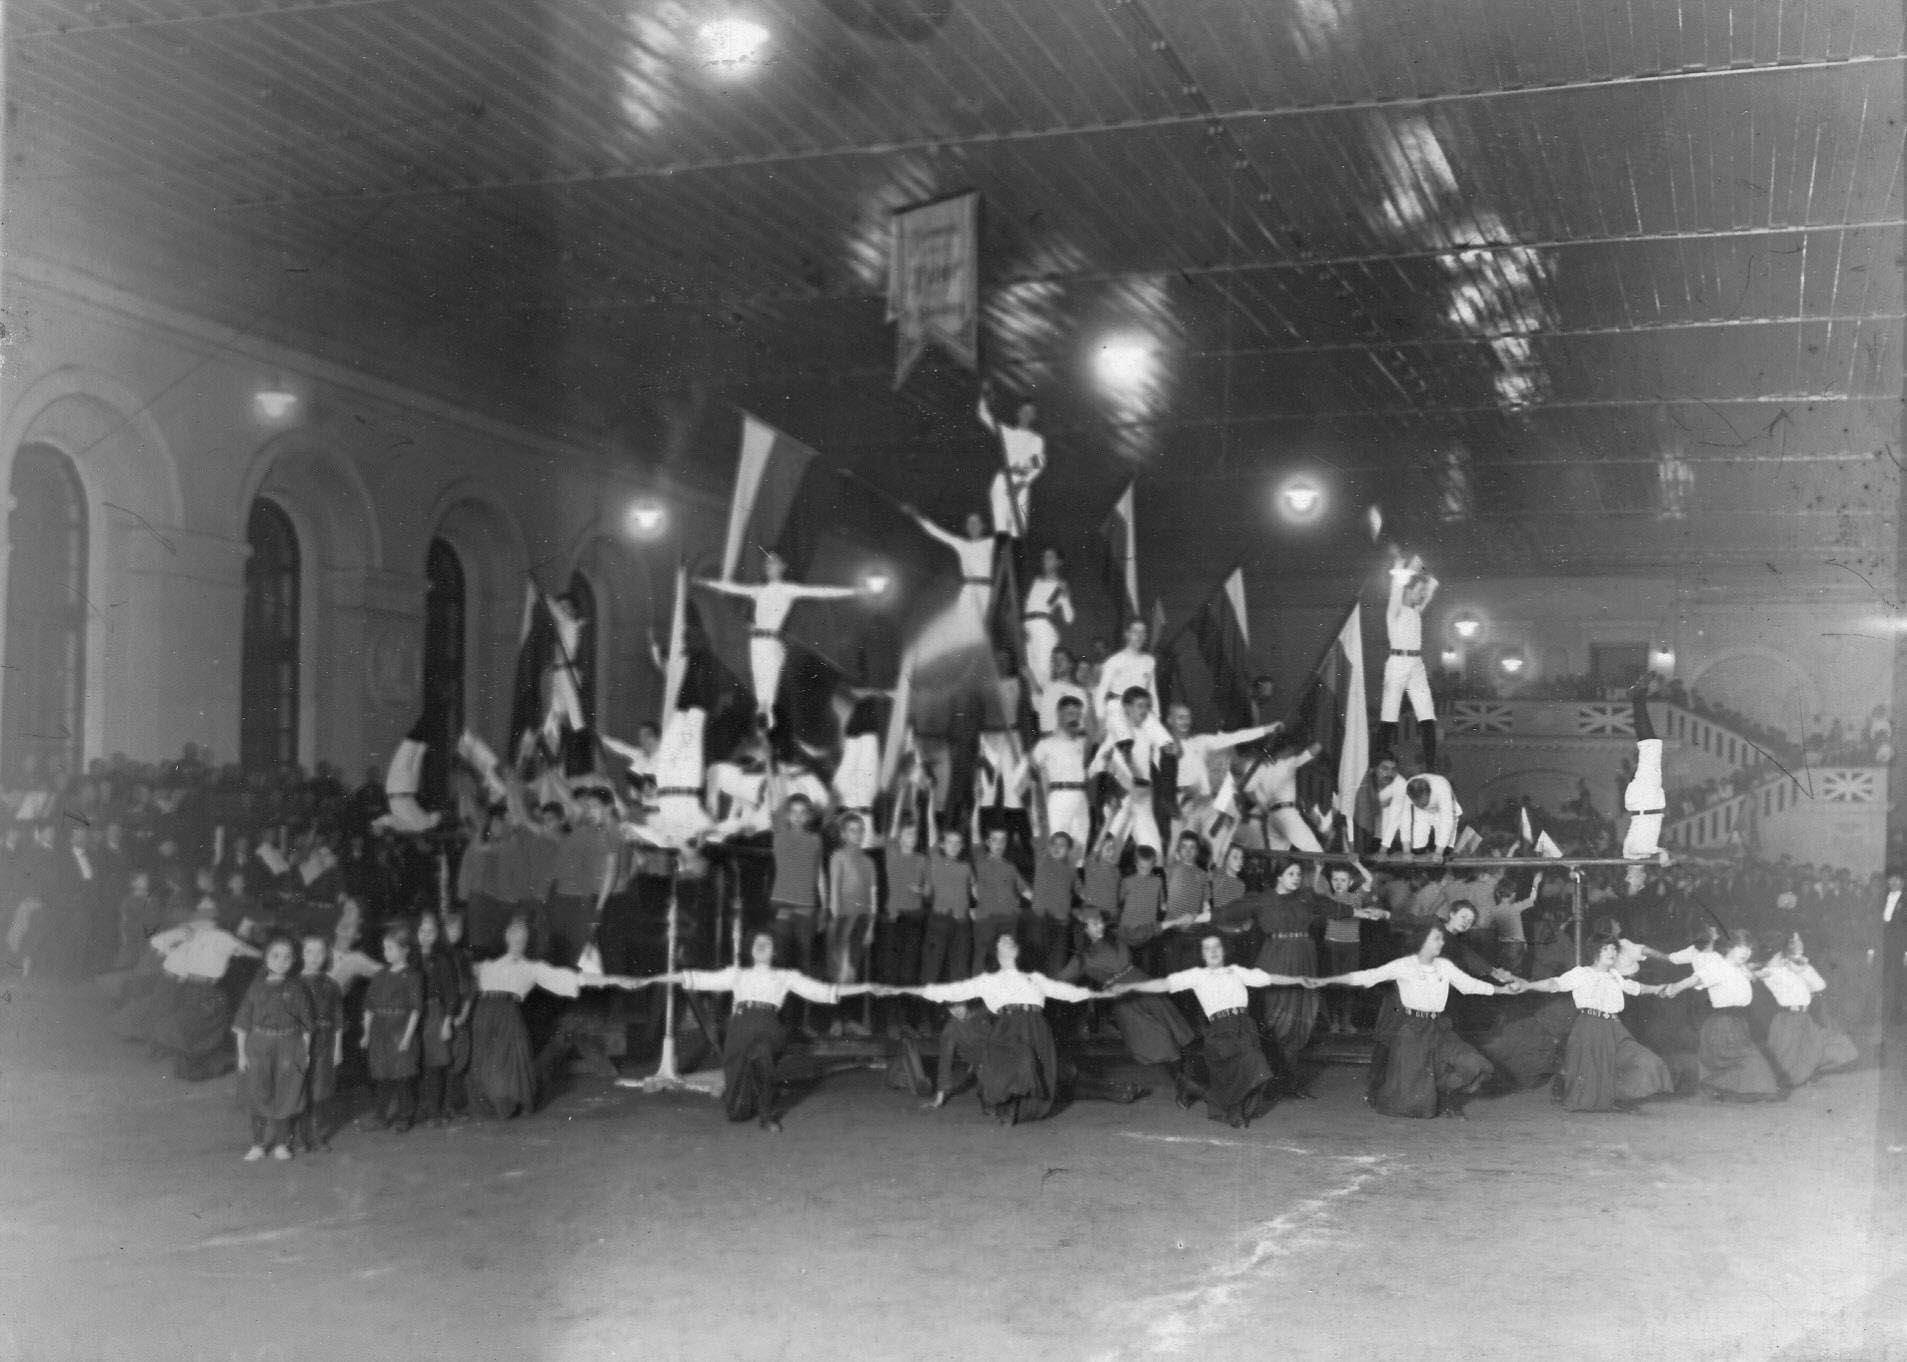 Группа спортсменов гимнастического общества «Пальма» выполняющих Пирамиду в спортивном зале